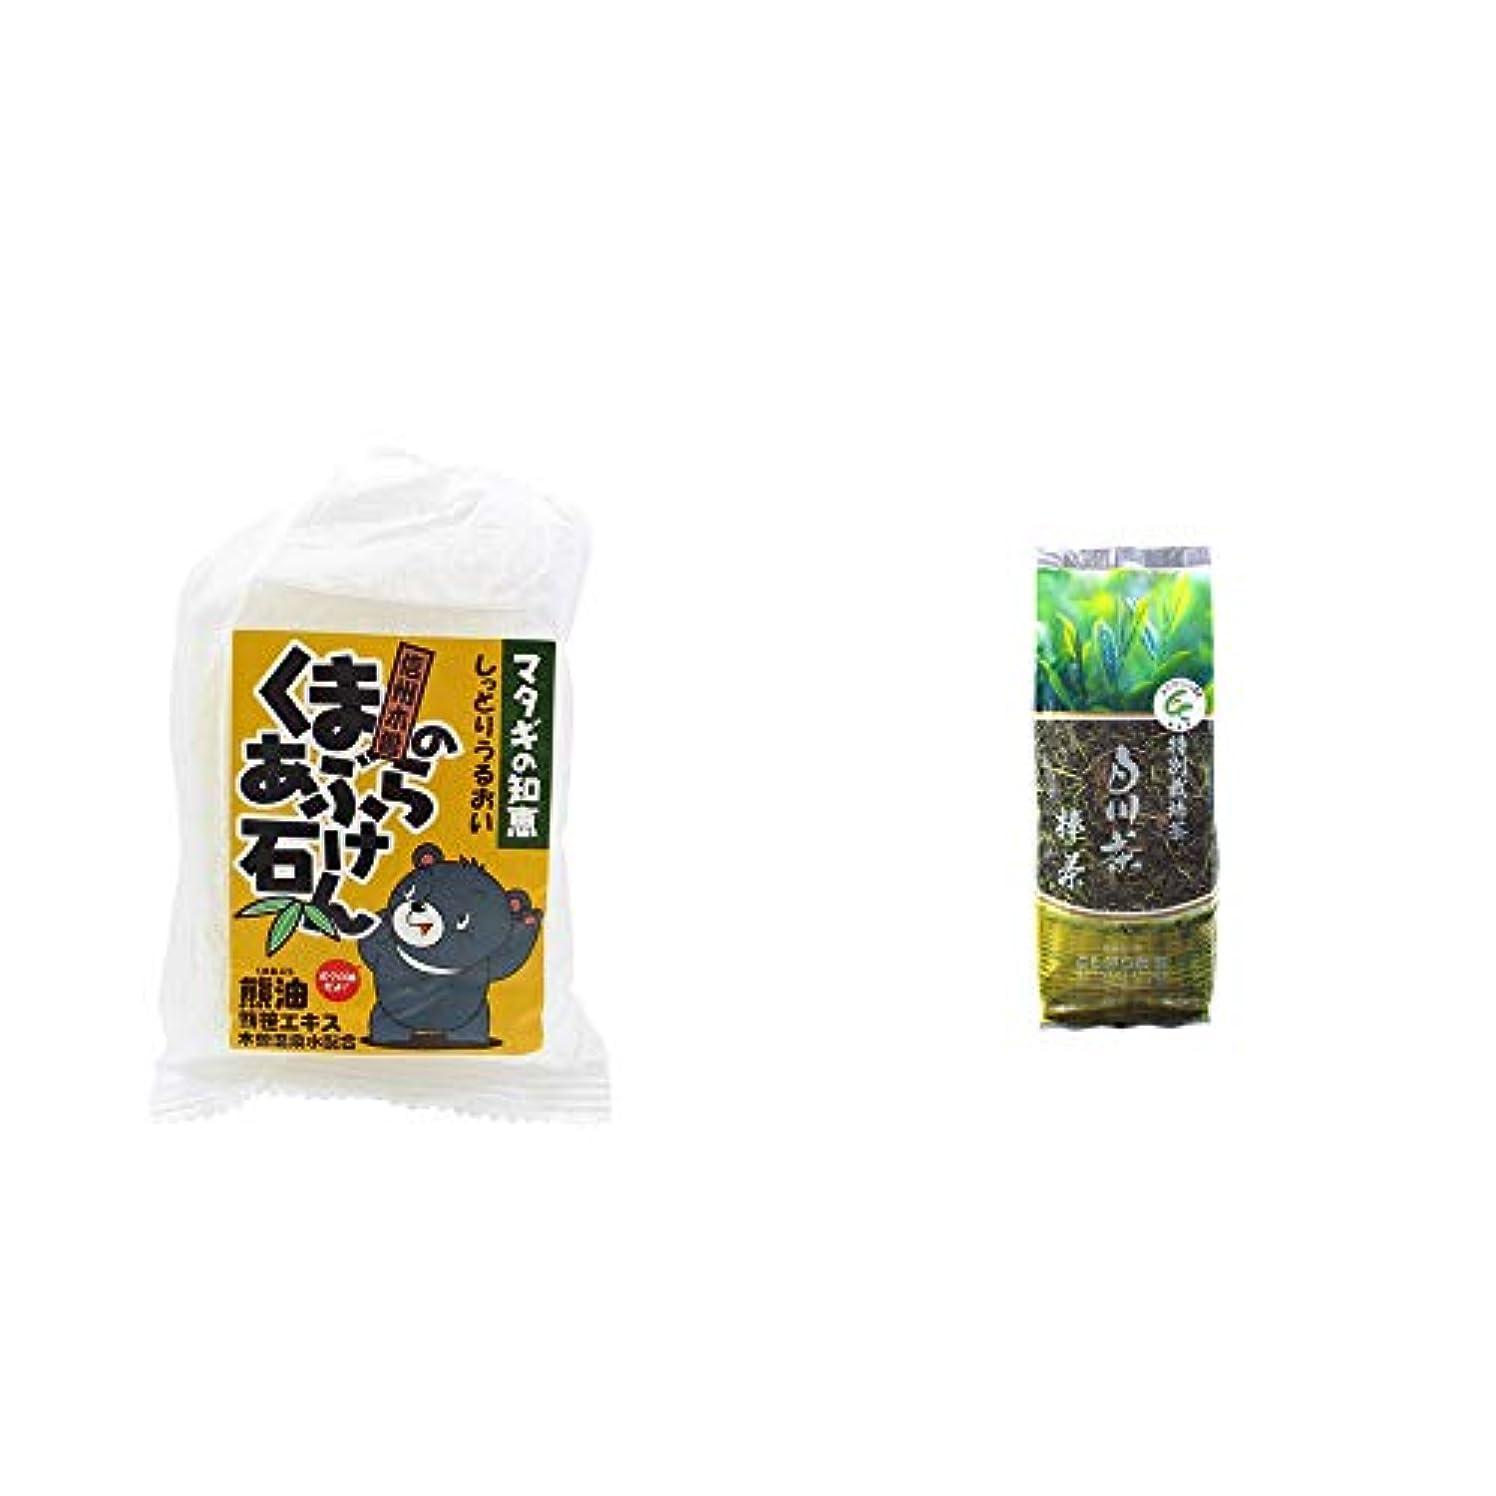 カート郵便局タップ[2点セット] 信州木曽 くまのあぶら石けん(80g)?白川茶 特別栽培茶【棒茶】(150g)